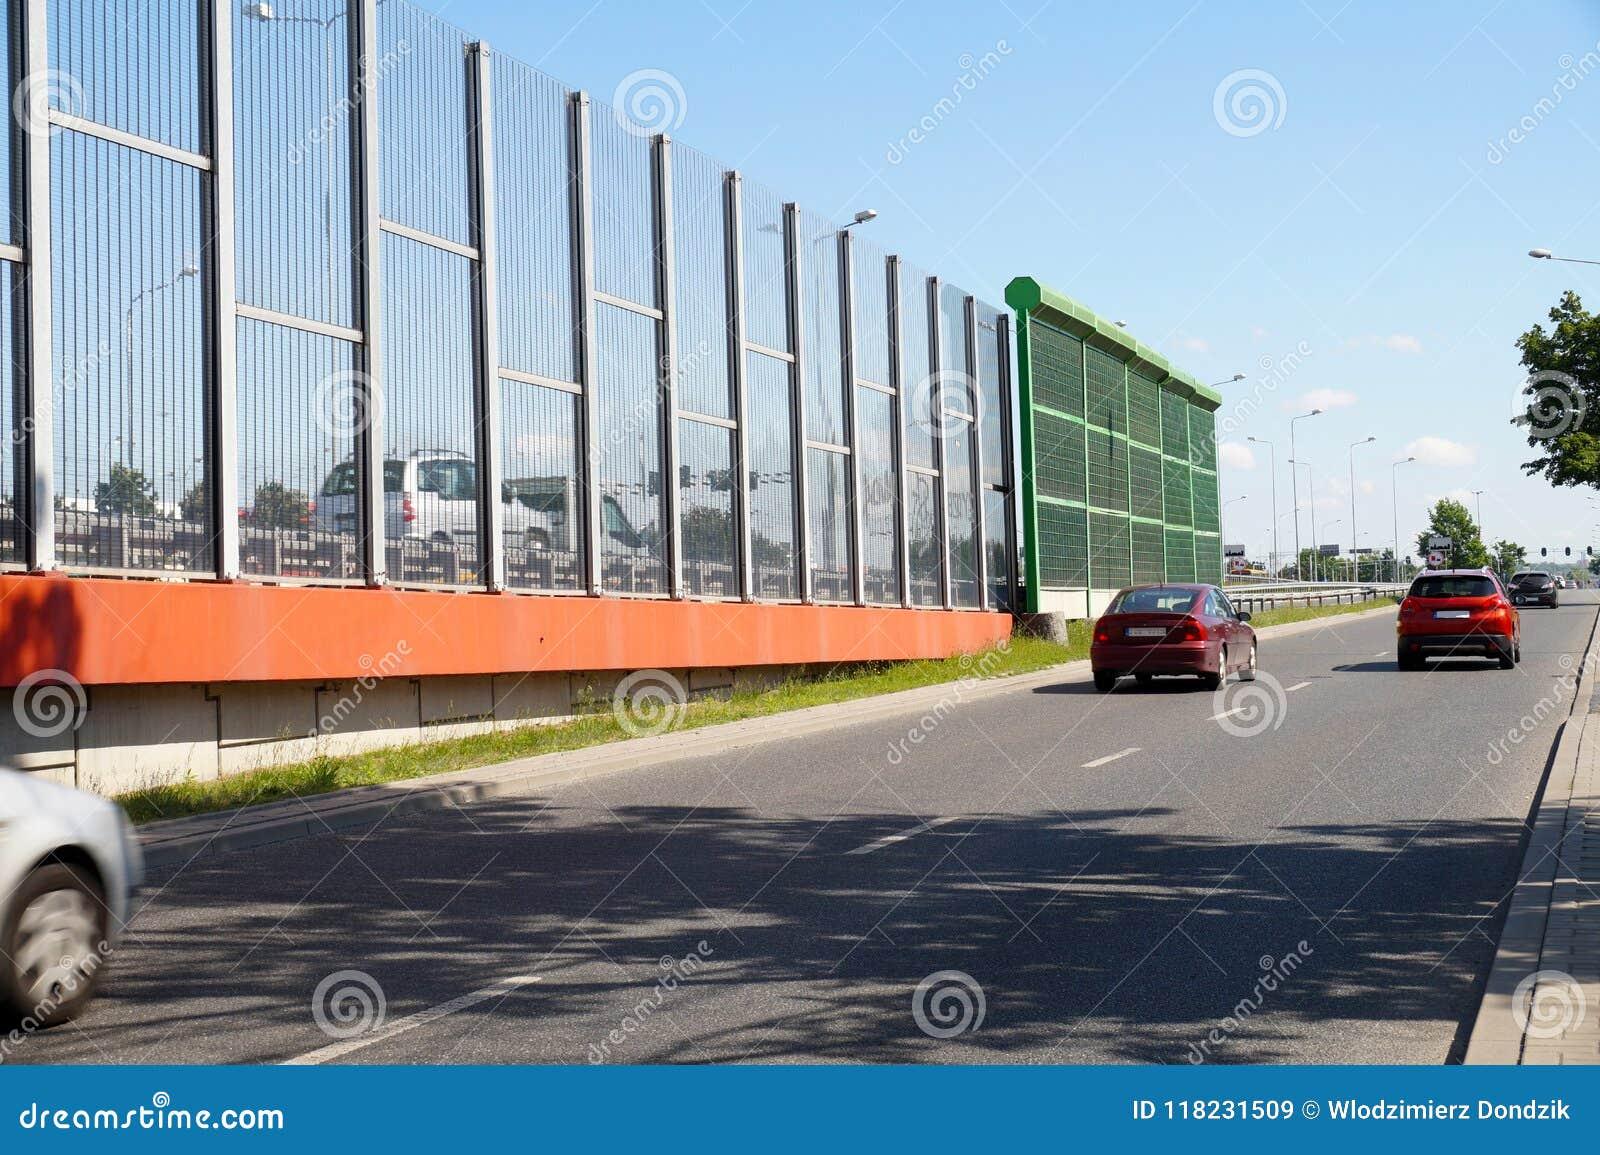 Rue dans la ville construite avec deux types de panneaux limitant le n